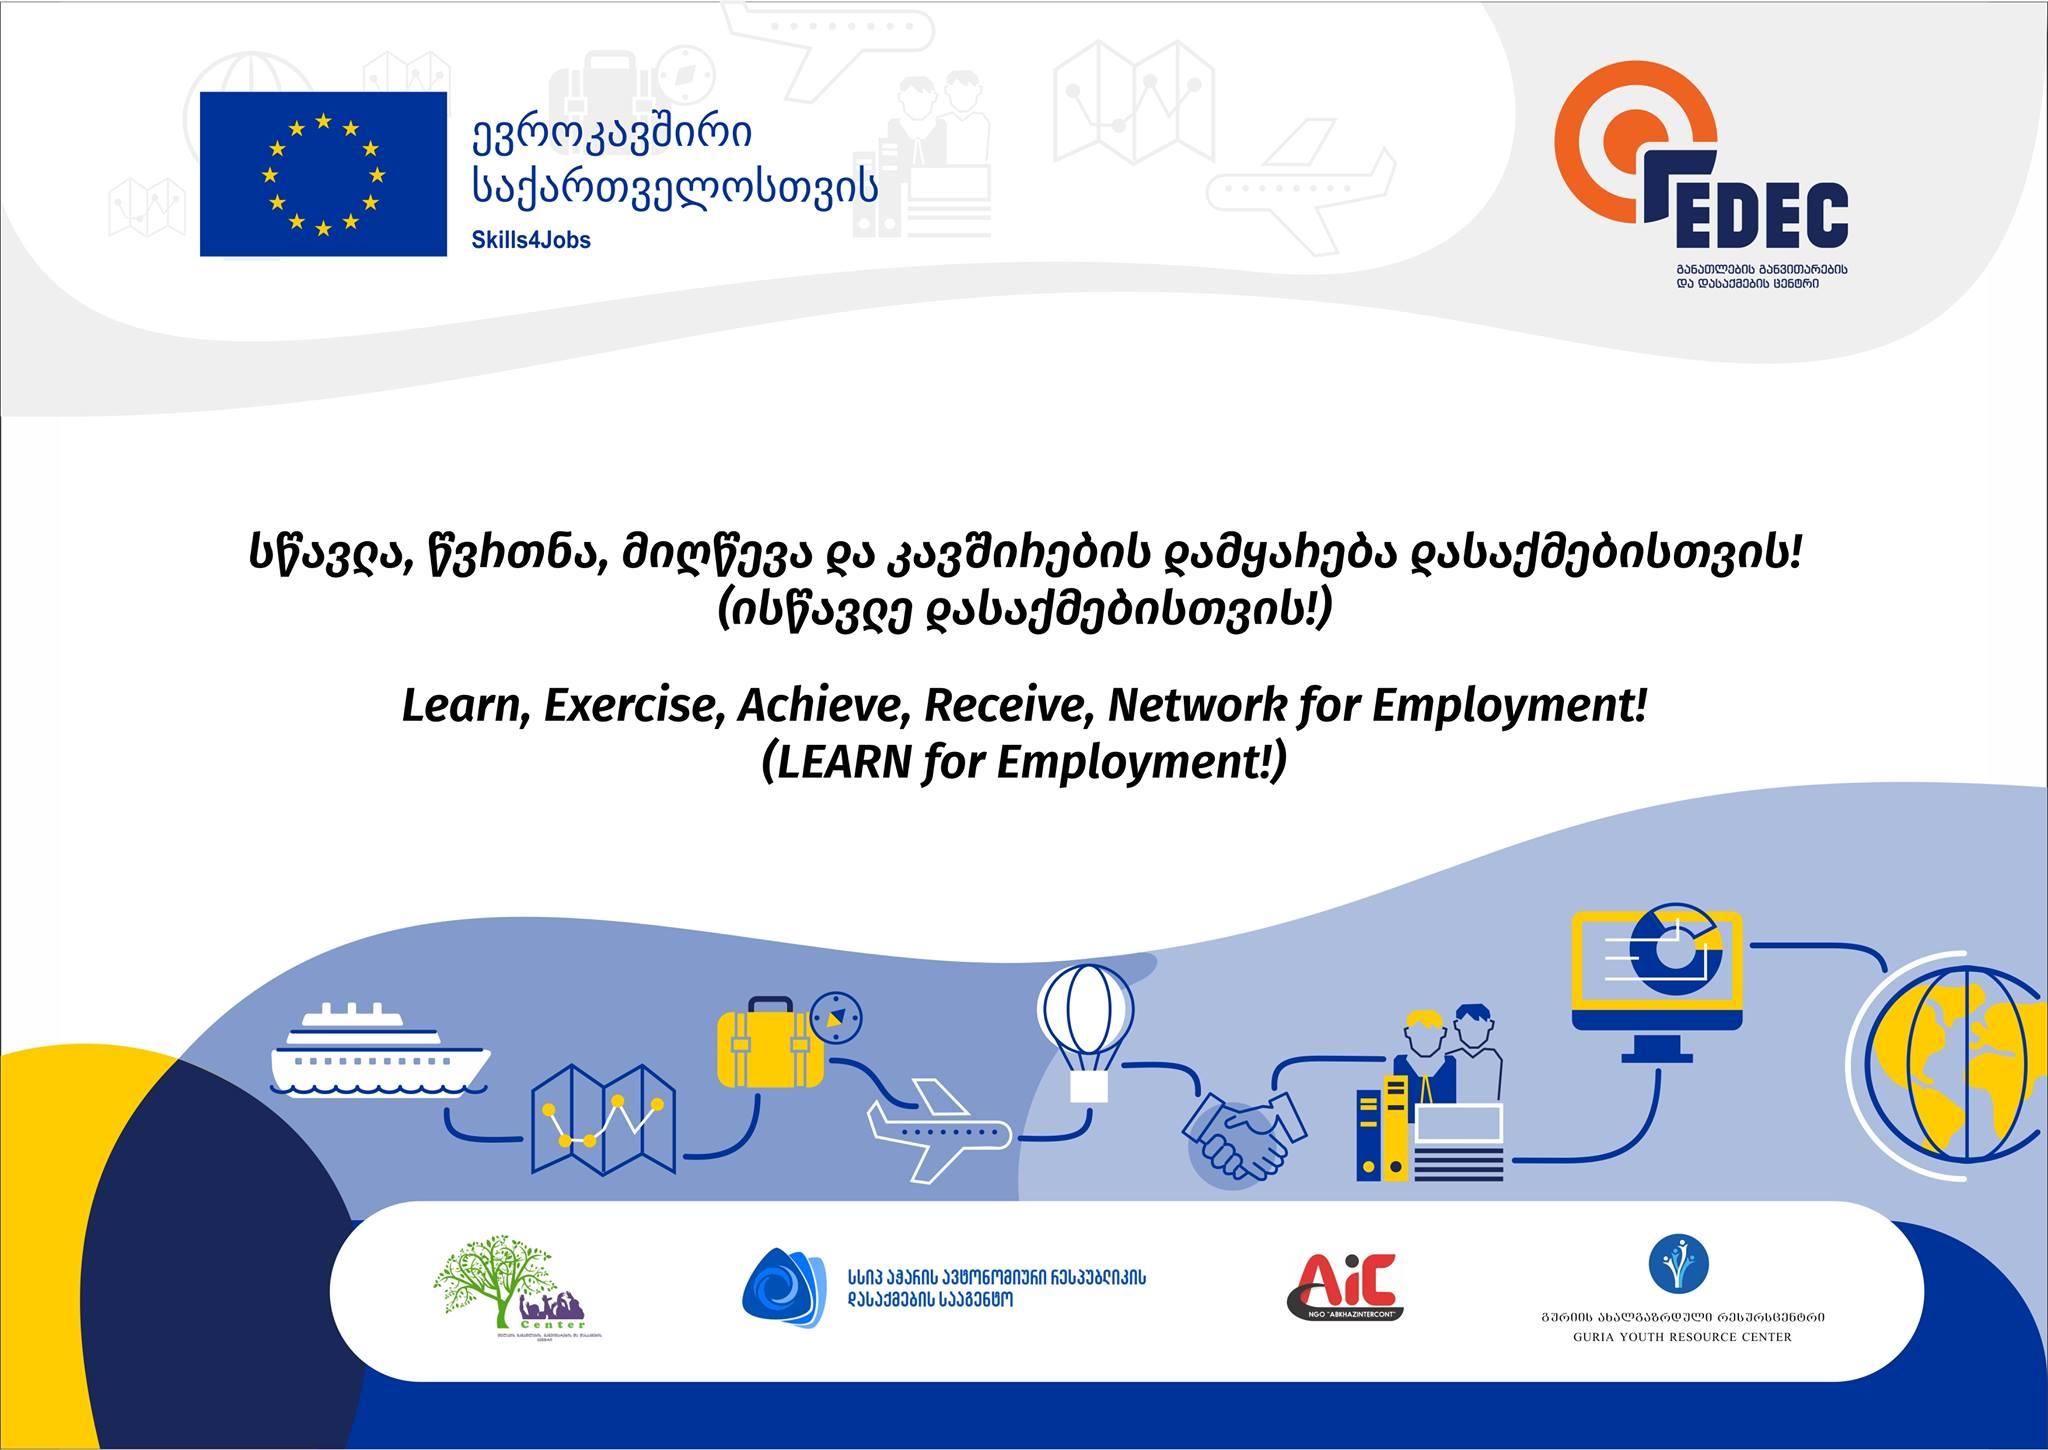 ევროკავშირის მიერ დაფინანსებული ახალი პროექტი: ისწავლე დასაქმებისთვის